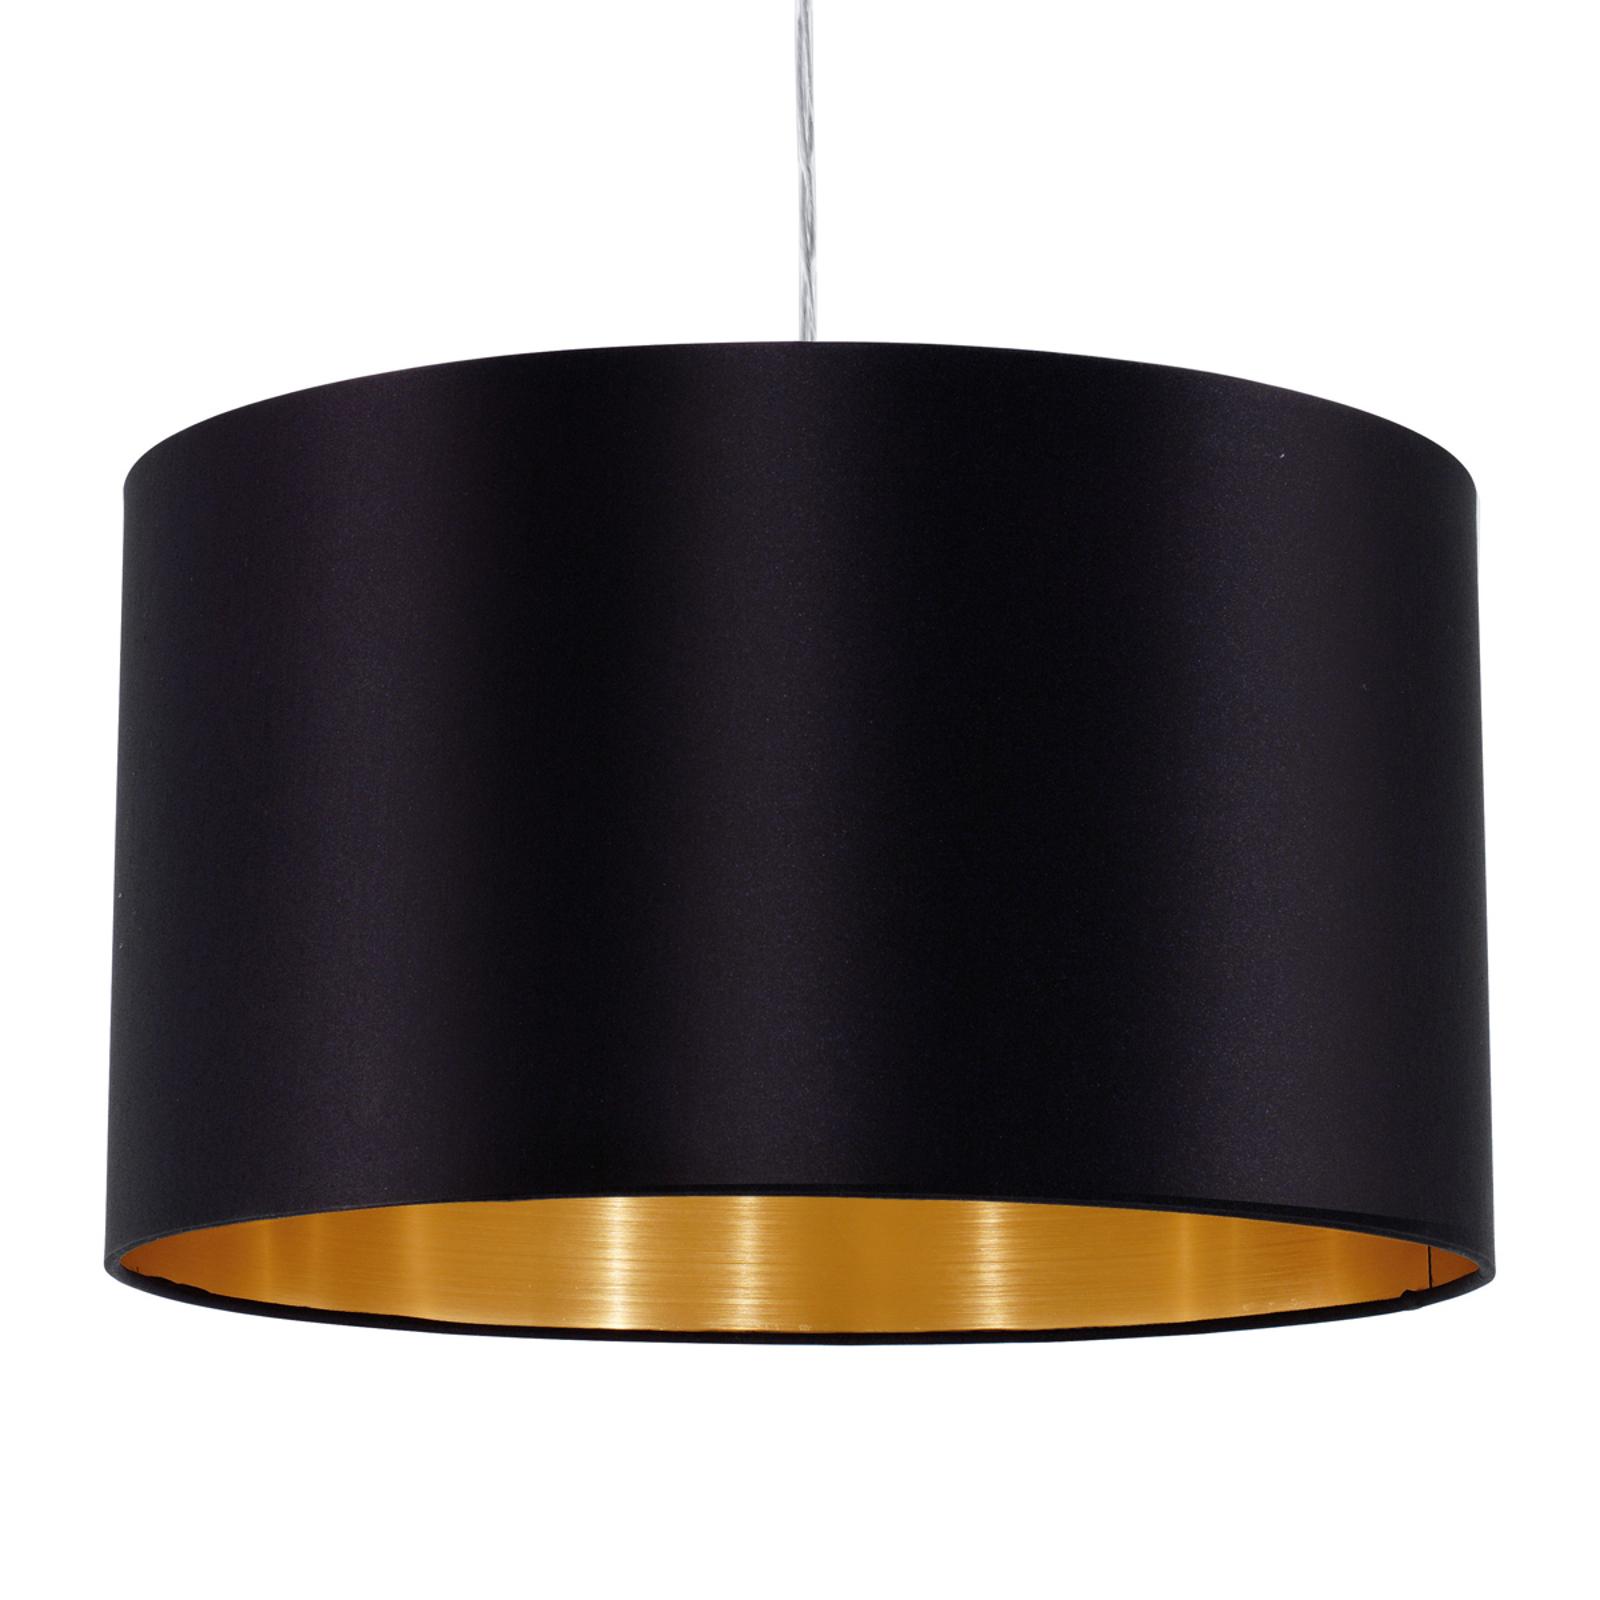 Lecio fabric hanging light, 1-bulb_3031689_1